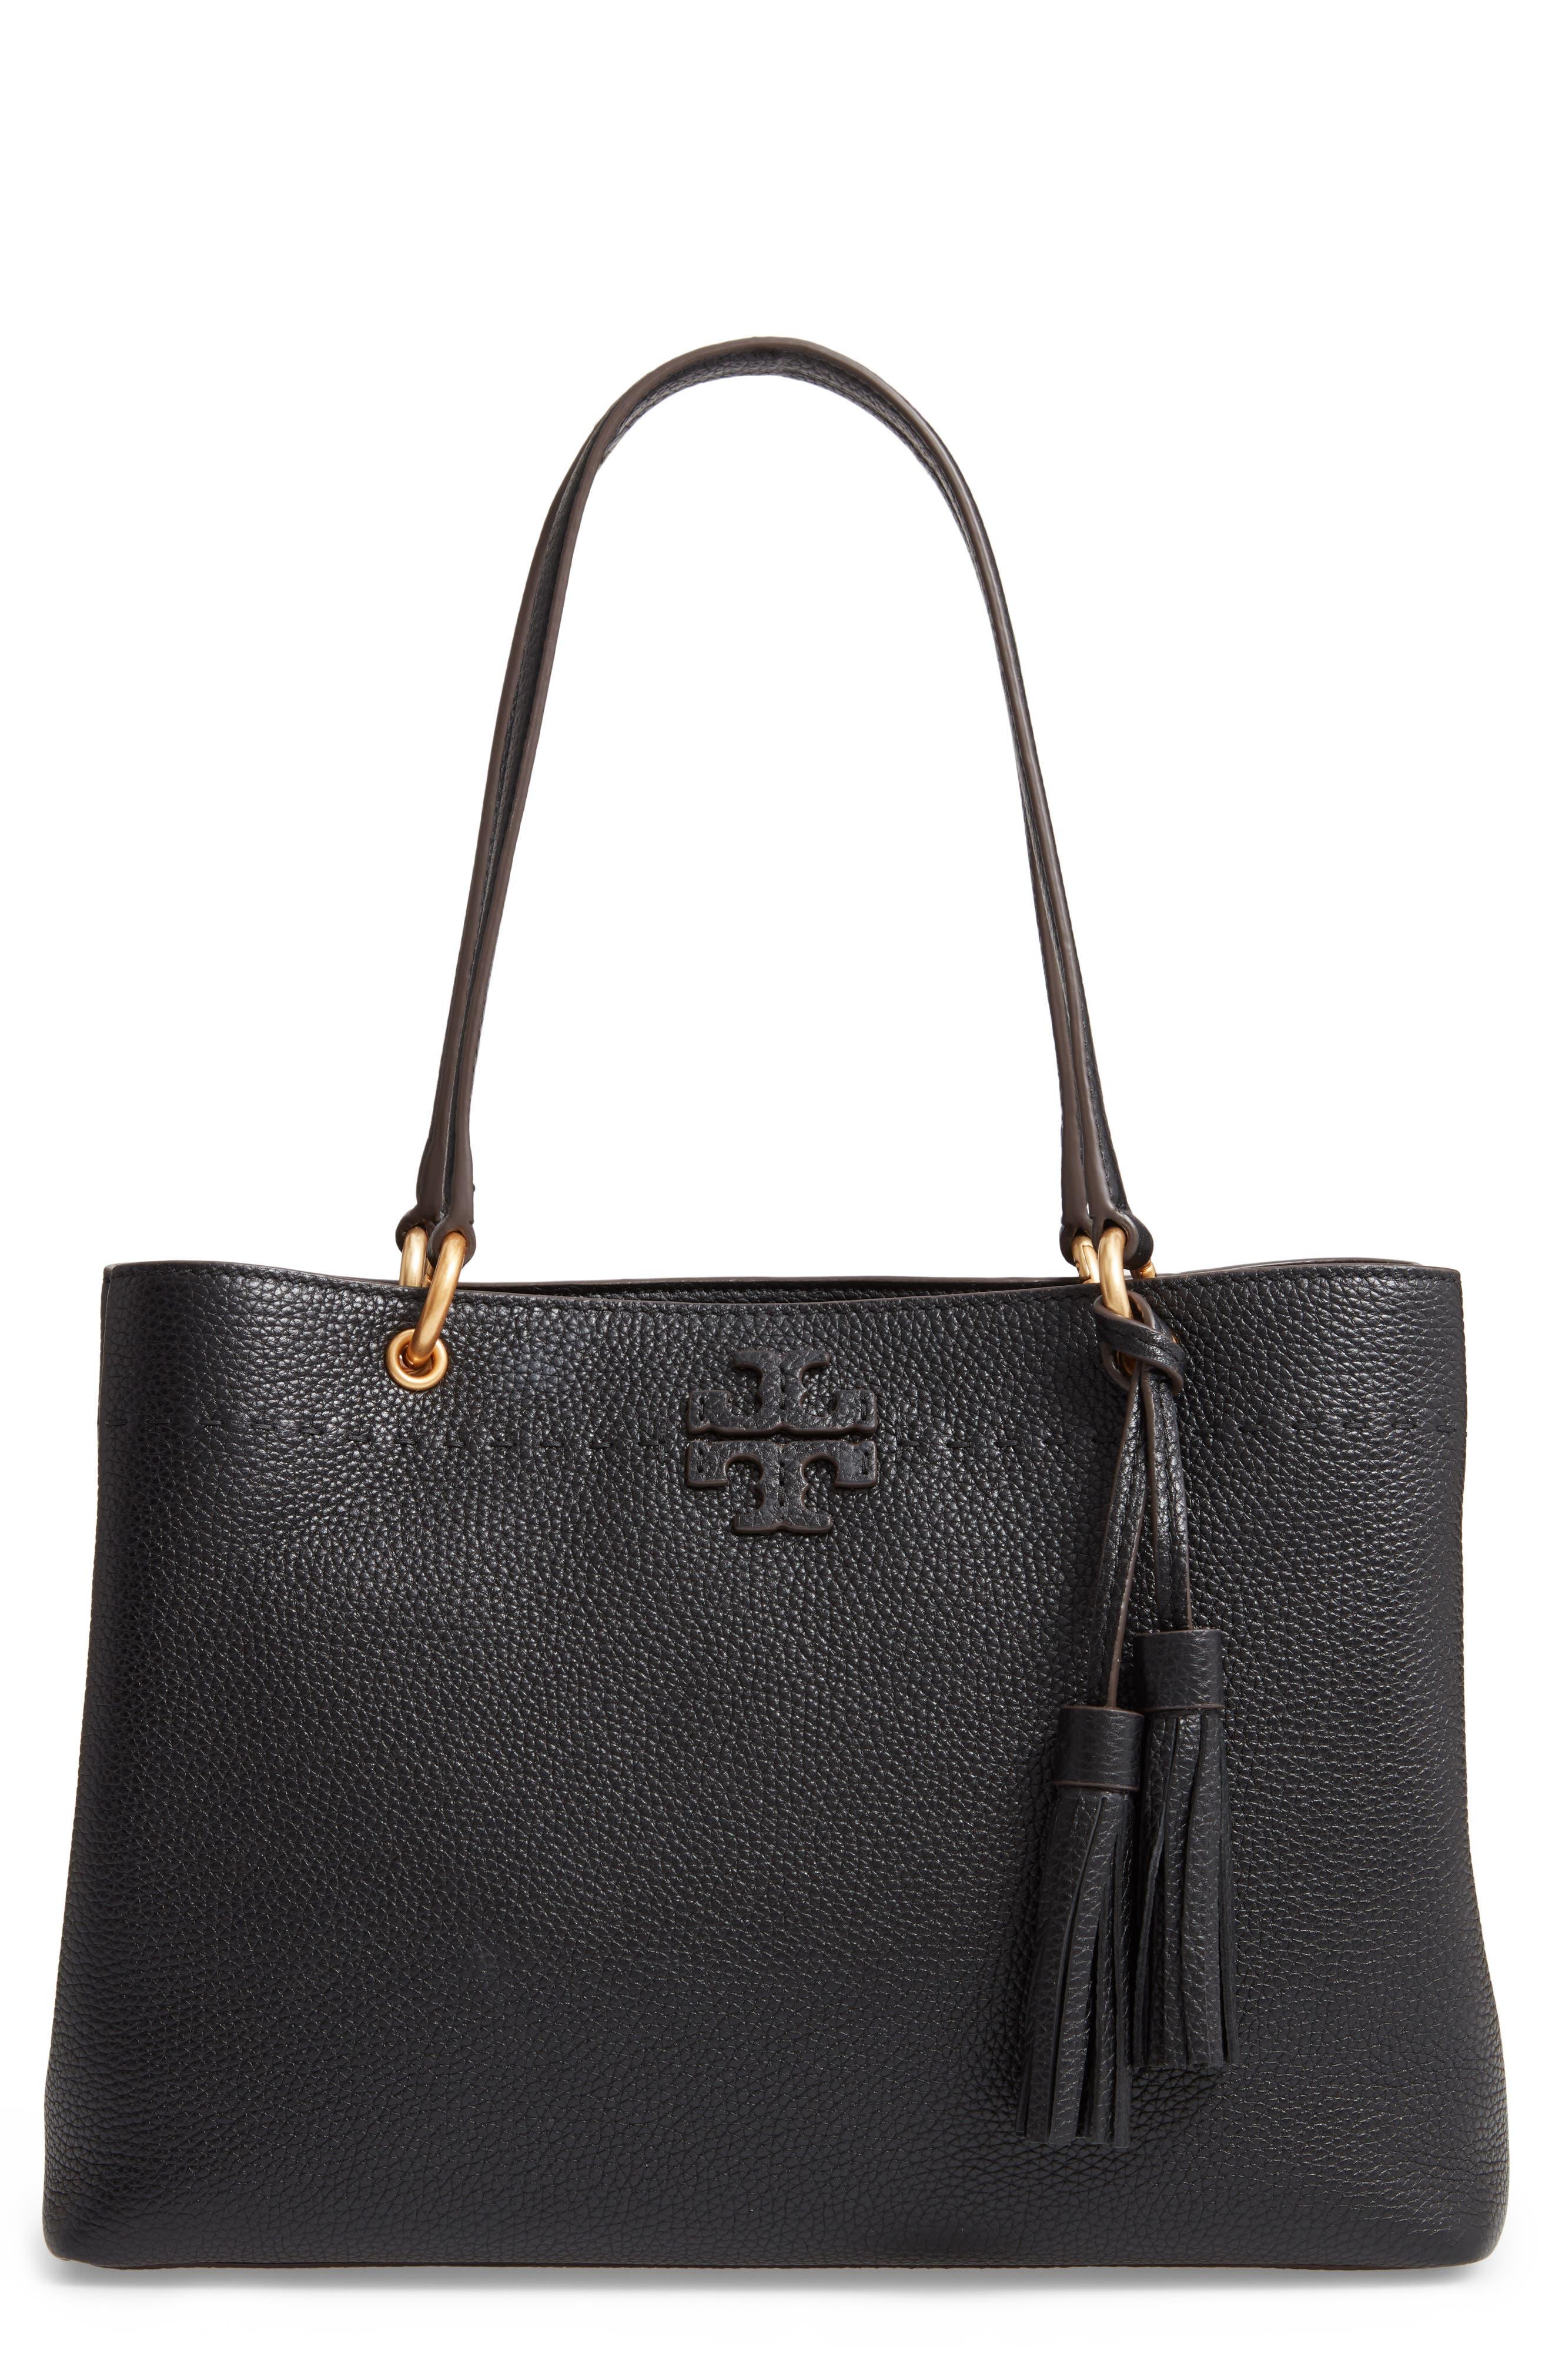 McGraw Triple Compartment Leather Satchel,                         Main,                         color, BLACK